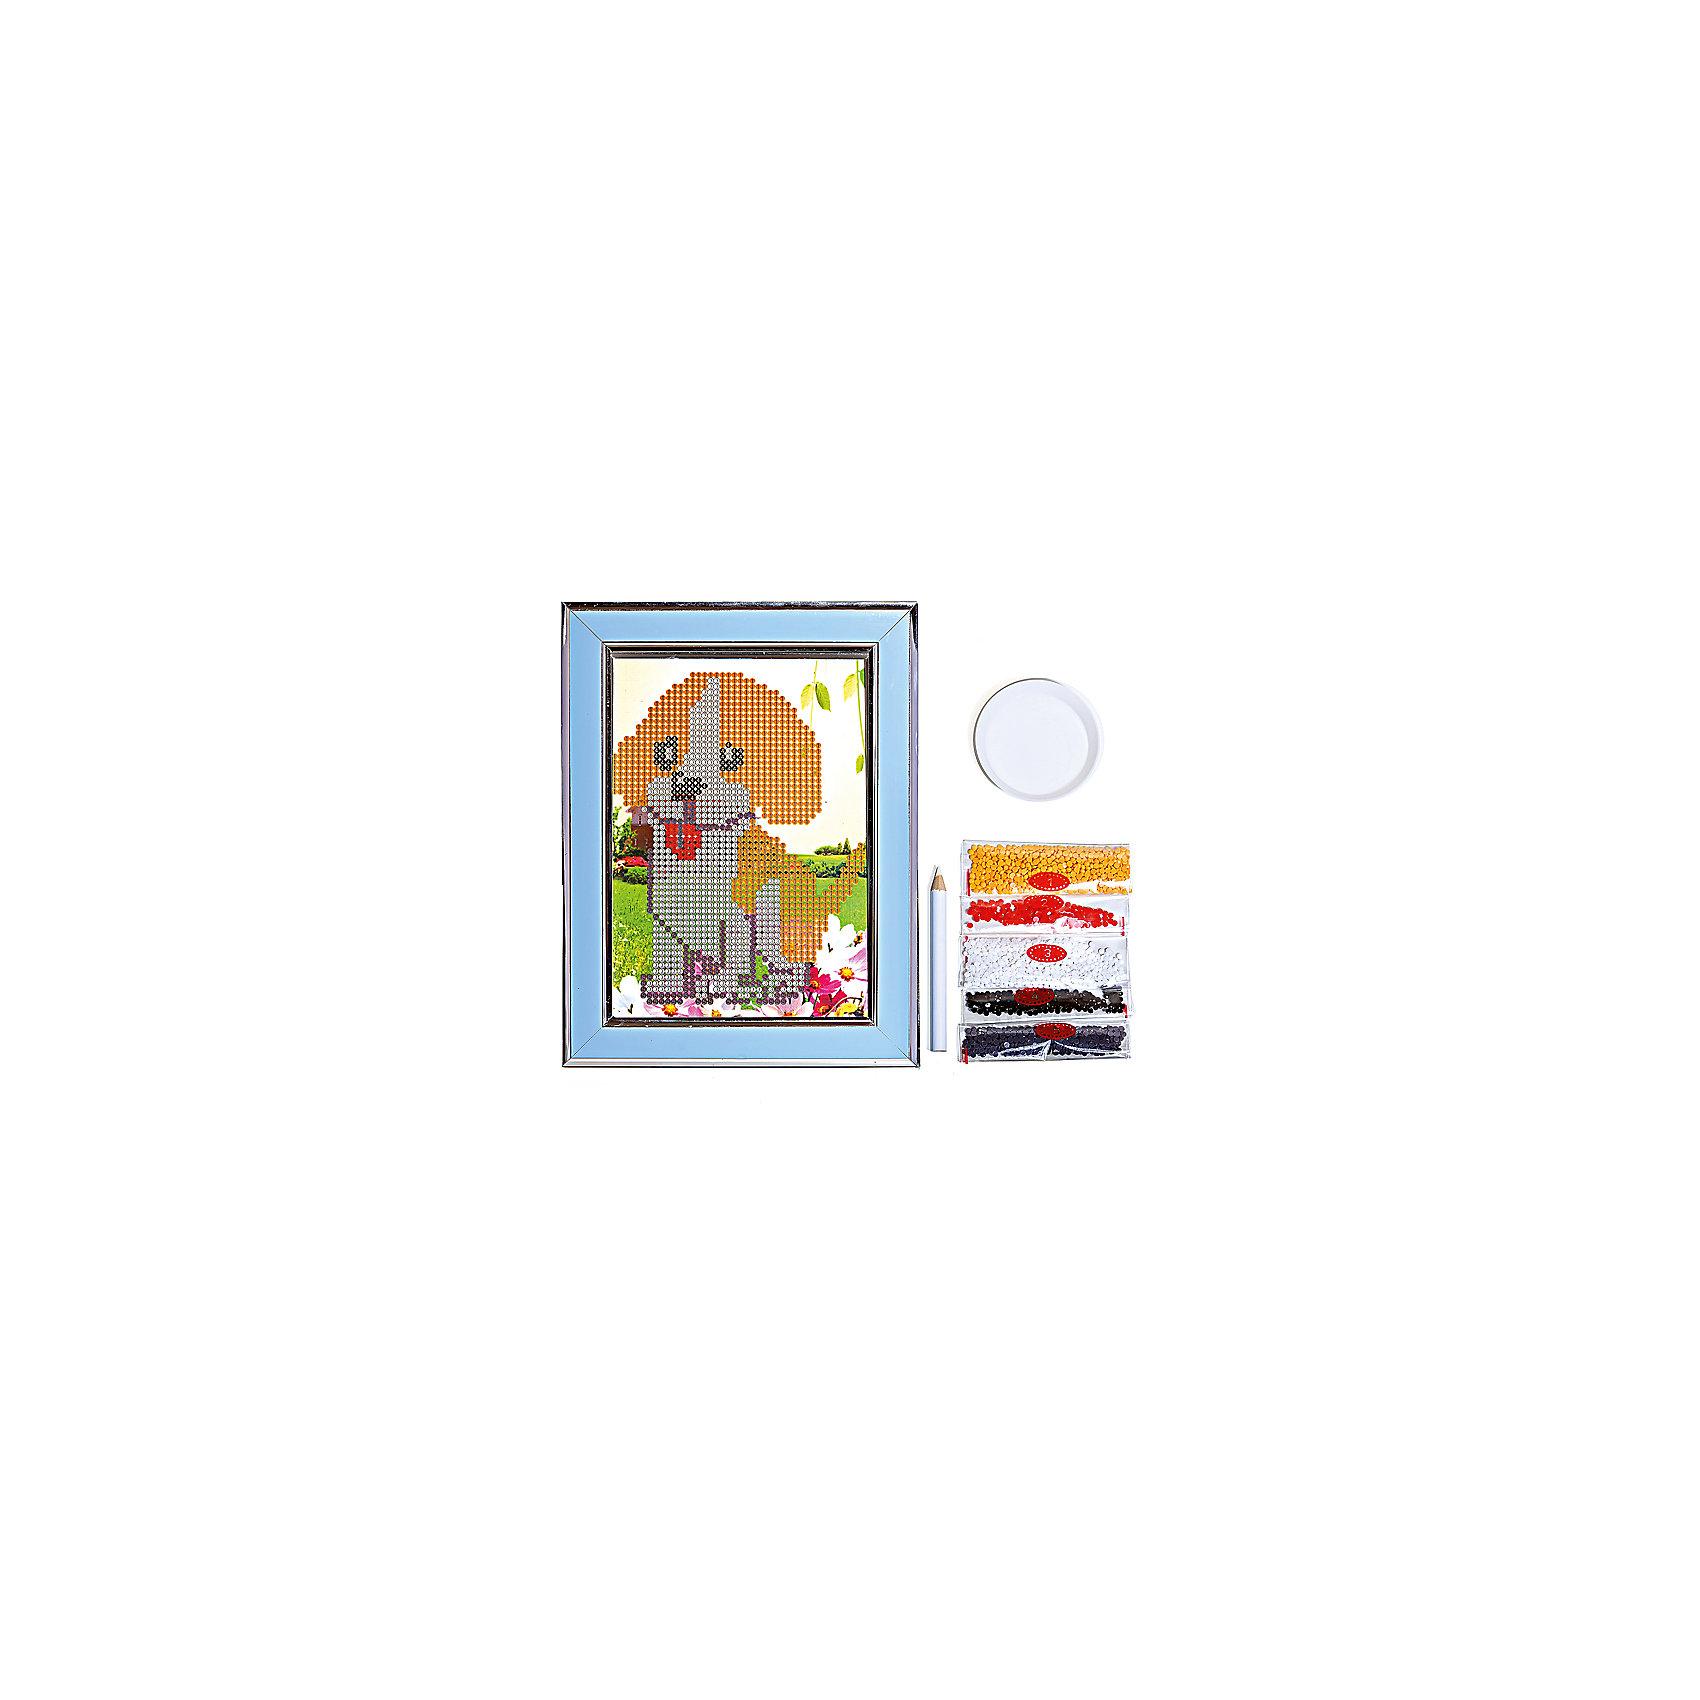 Мозаичная картина ЩенокМозаичная картина Щенок.<br><br>Характеристика: <br><br>• Материал: картон, пластик, клей. <br>• Размер картинки: 17х21 см. <br>• Размер мозаичного элемента: 2,5 мм. <br>• Комплектация: контейнер для элементов мозаики, мозаичные элементы, специальный клеевой карандаш, трафарет со схемой рисунка, декоративная пластиковая рамка с оргстеклом. <br>• Яркие, насыщенные цвета. <br>• Отлично развивает моторику рук, внимание, мышление и воображение. <br><br>Создание картины из мозаики - увлекательное и полезное занятие, в процессе которого ребенок сможет развить моторику рук, внимание, усидчивость, цветовосприятие и воображение. В этом наборе уже есть все для создания маленького шедевра! Нужно лишь приклеить мозаичные элементы на основу с нанесенным контуром - и яркая картинка готова.<br><br>Мозаичную картину Щенок можно купить в нашем магазине.<br><br>Ширина мм: 200<br>Глубина мм: 225<br>Высота мм: 30<br>Вес г: 250<br>Возраст от месяцев: 84<br>Возраст до месяцев: 144<br>Пол: Унисекс<br>Возраст: Детский<br>SKU: 5417614